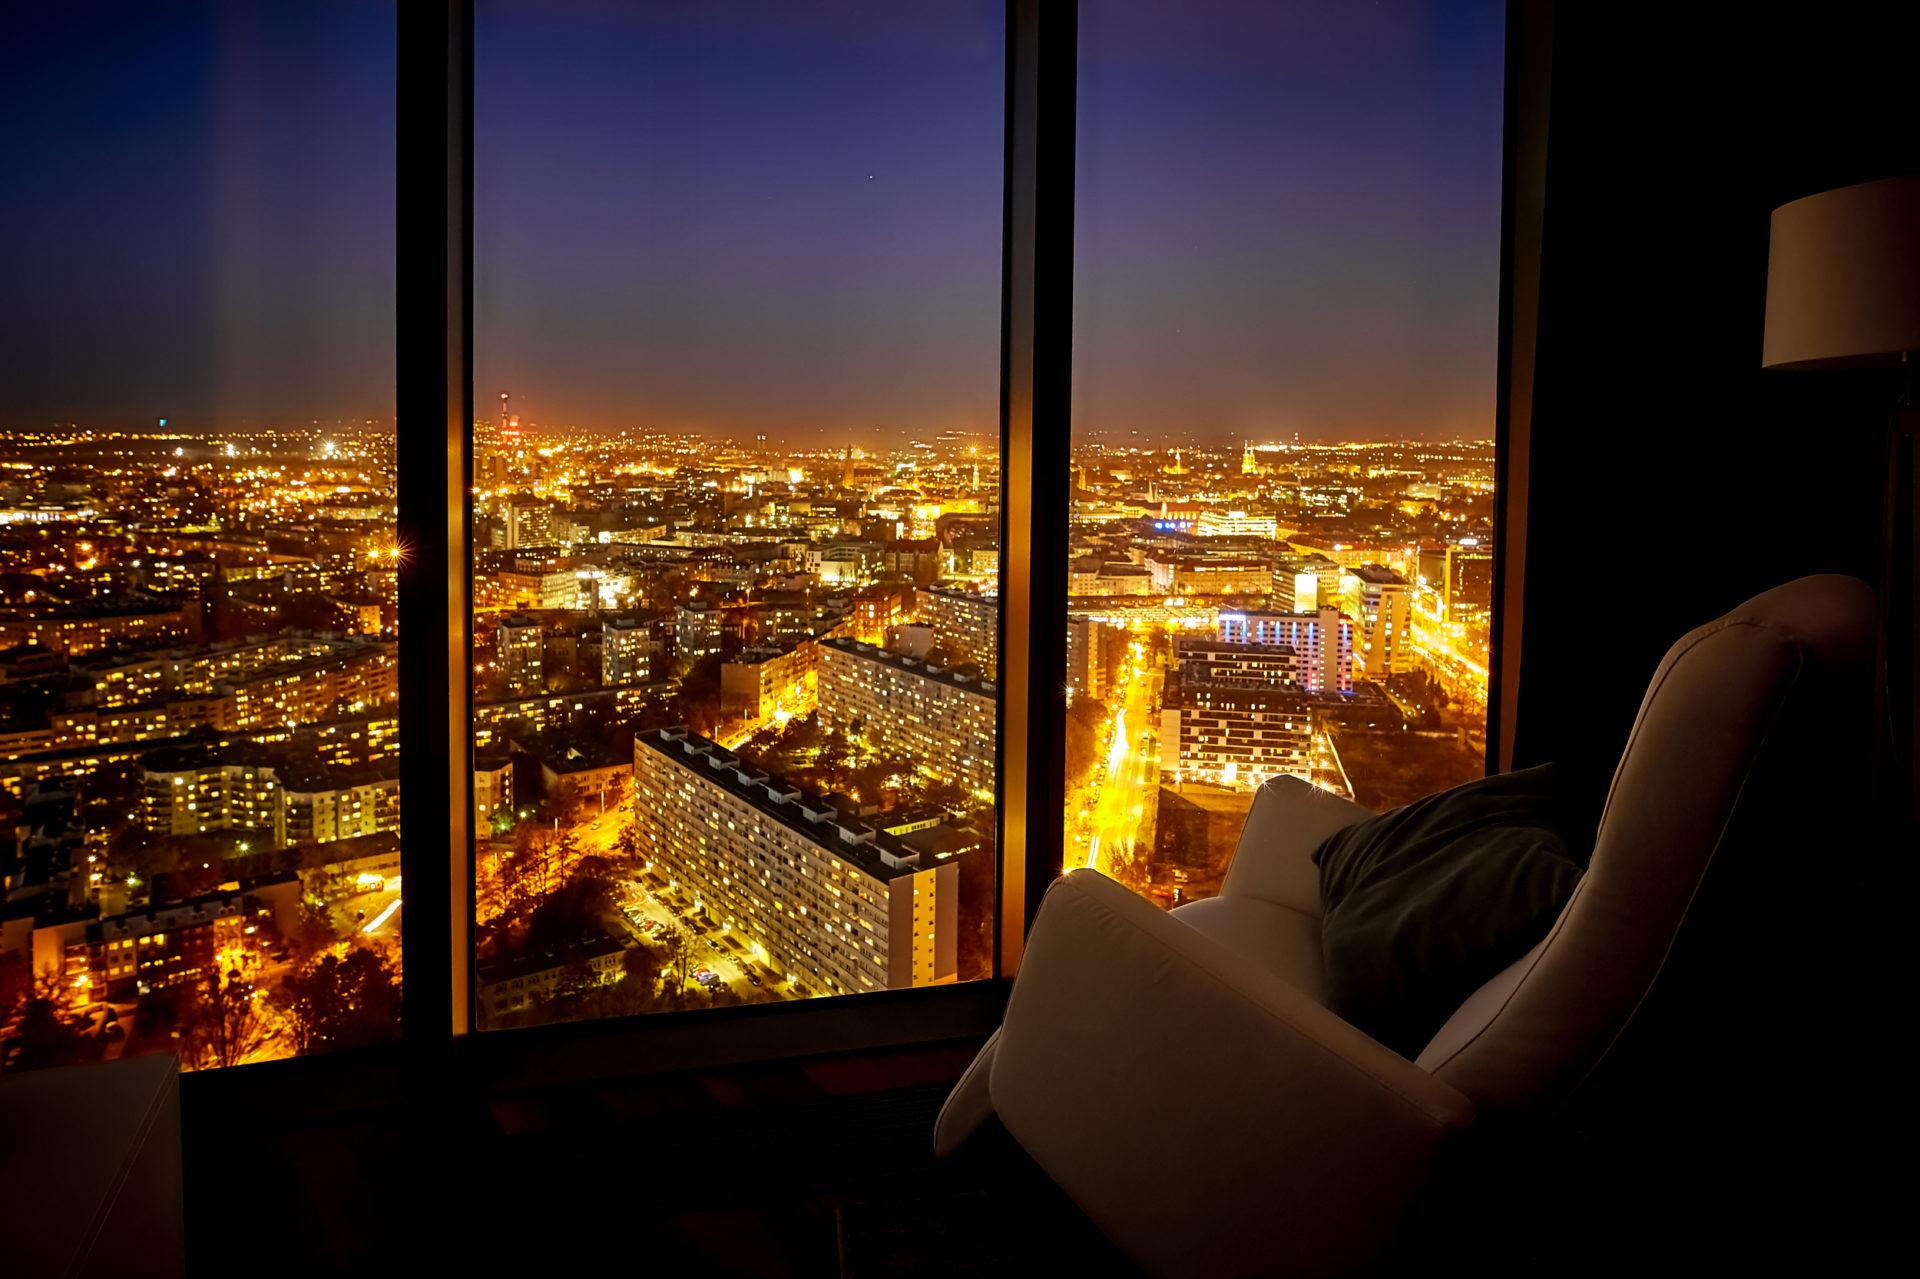 Sky Tower,widok na miasto, panorama, architekt wrocław, projekt wnętrz, koru, julia koczur 01.jpg